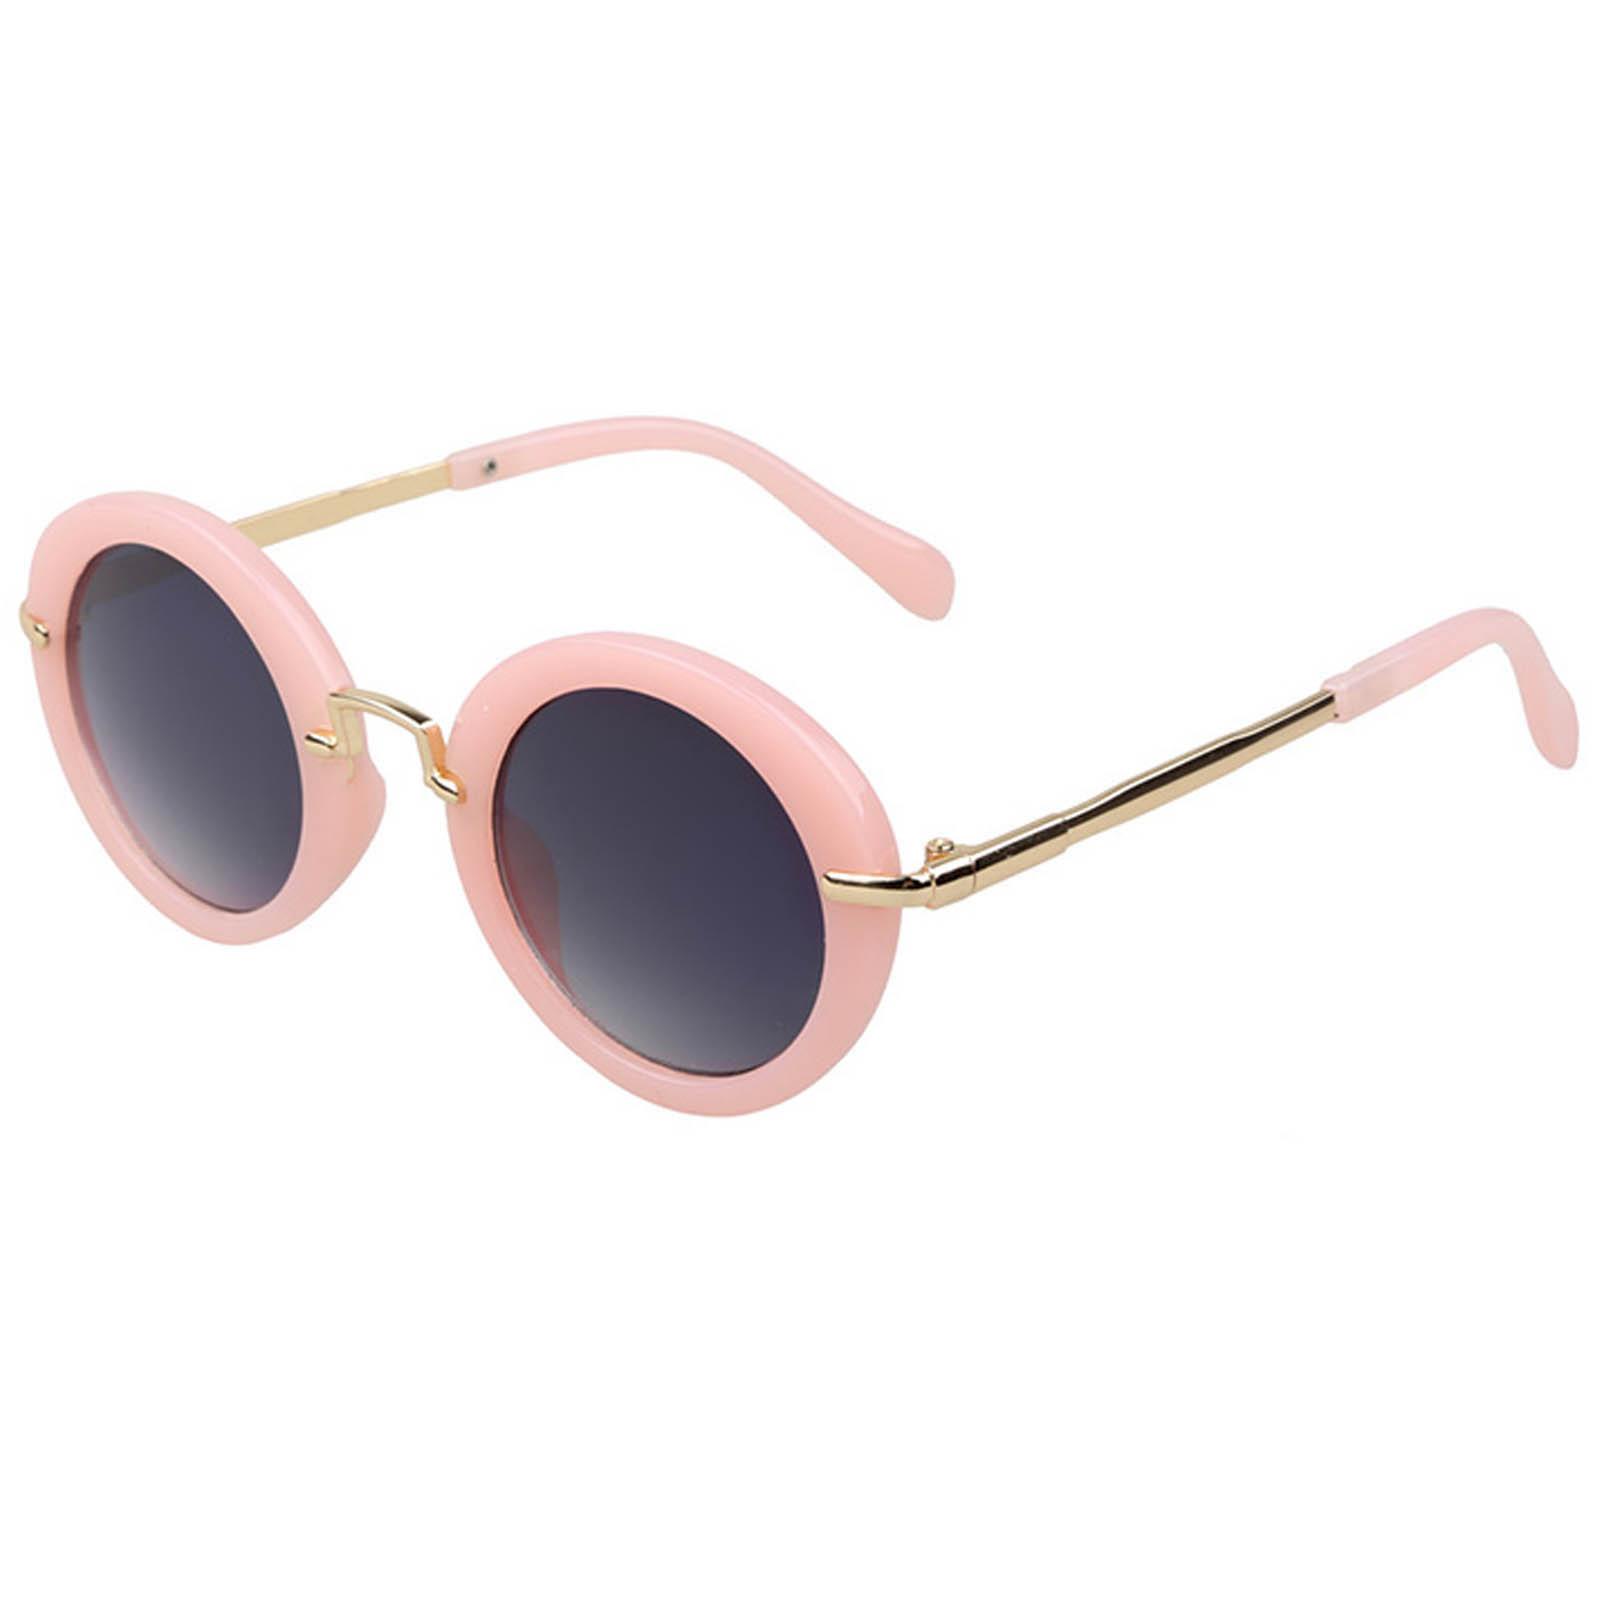 OWL ® 045 C5 Round Eyewear Sunglasses Women's Men's Metal Round Circle Nude Frame Smoke Lens One Pair